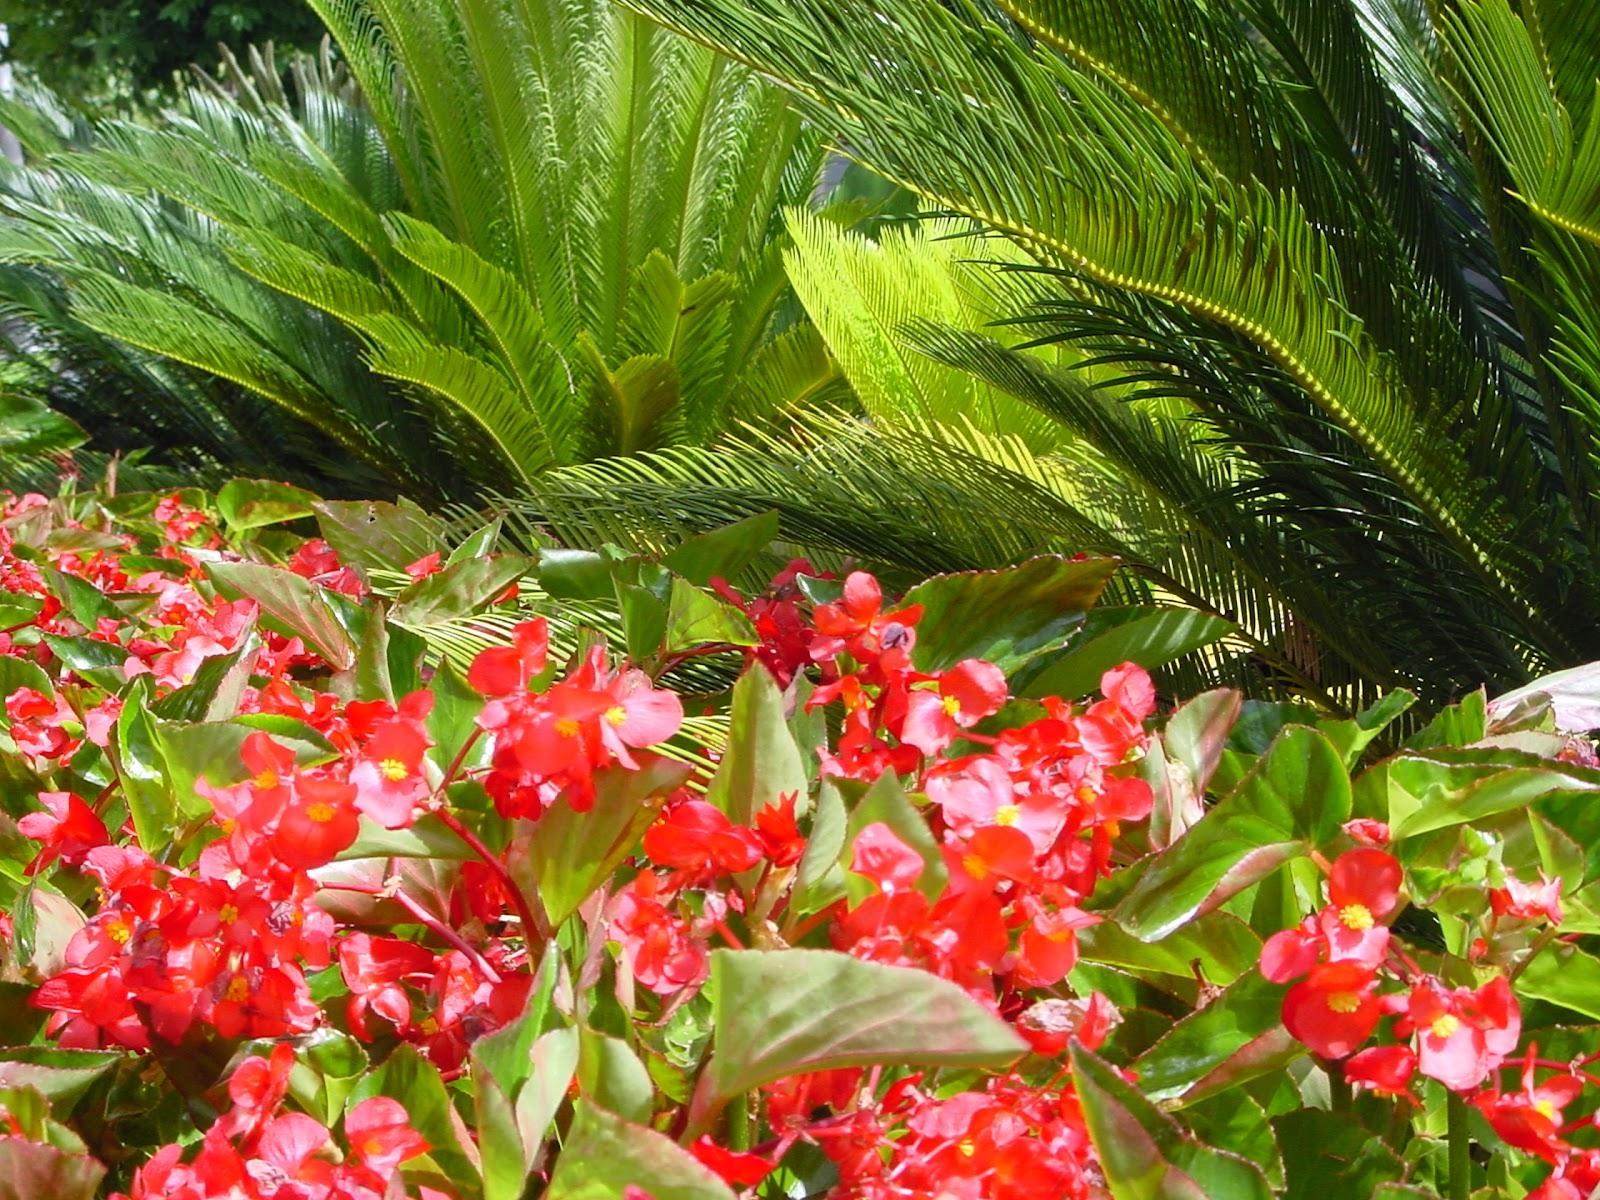 Jardineria eladio nonay jardiner a eladio nonay begonia - Jardineria eladio nonay ...